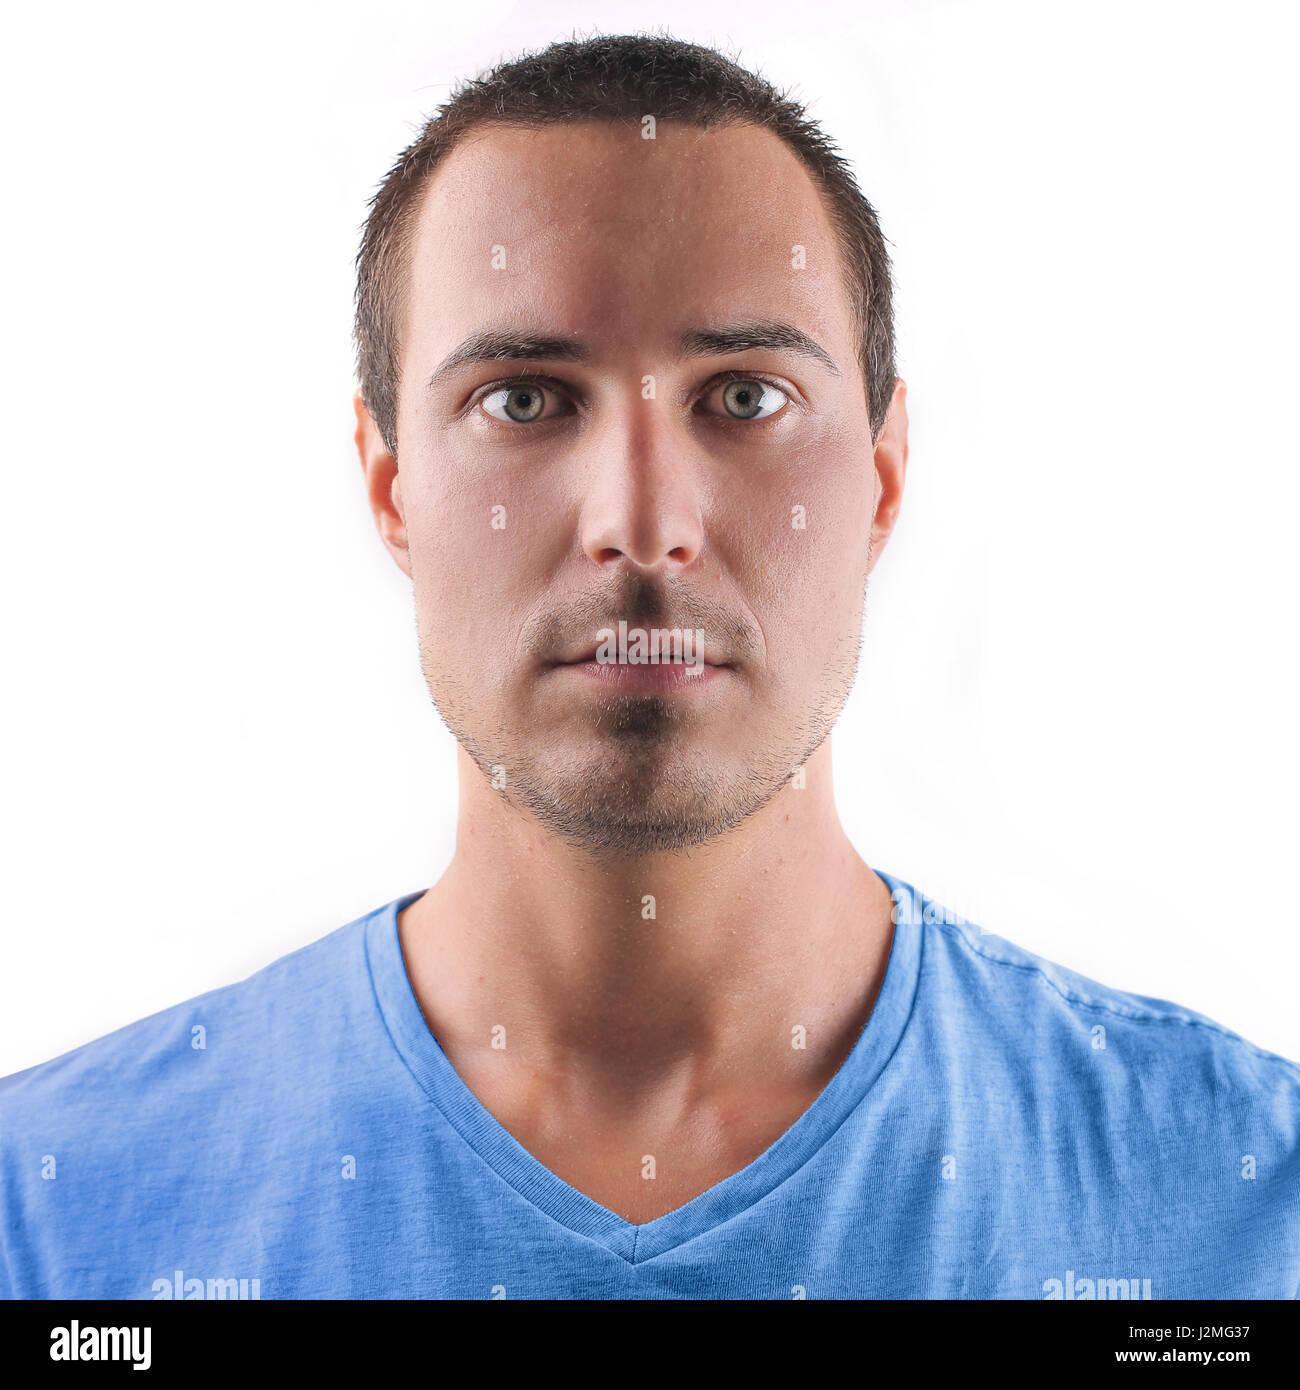 Man making serious face - Stock Image